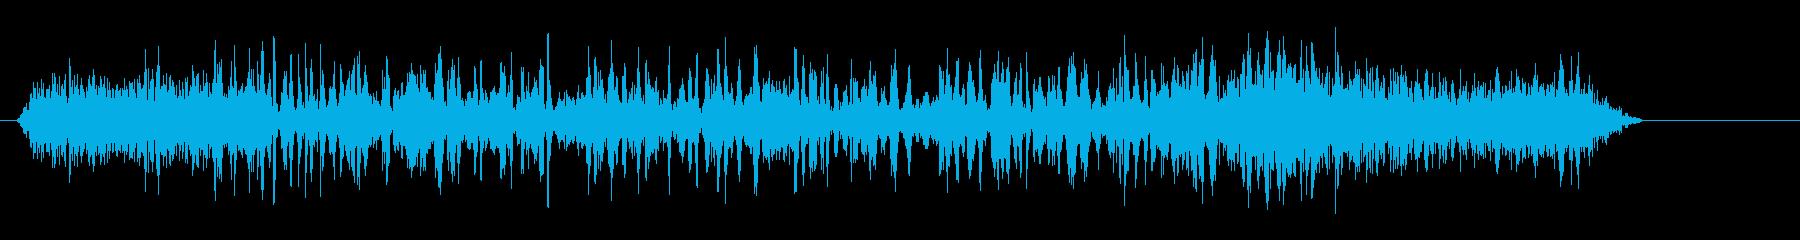 飛行機のボーイングパス2の再生済みの波形